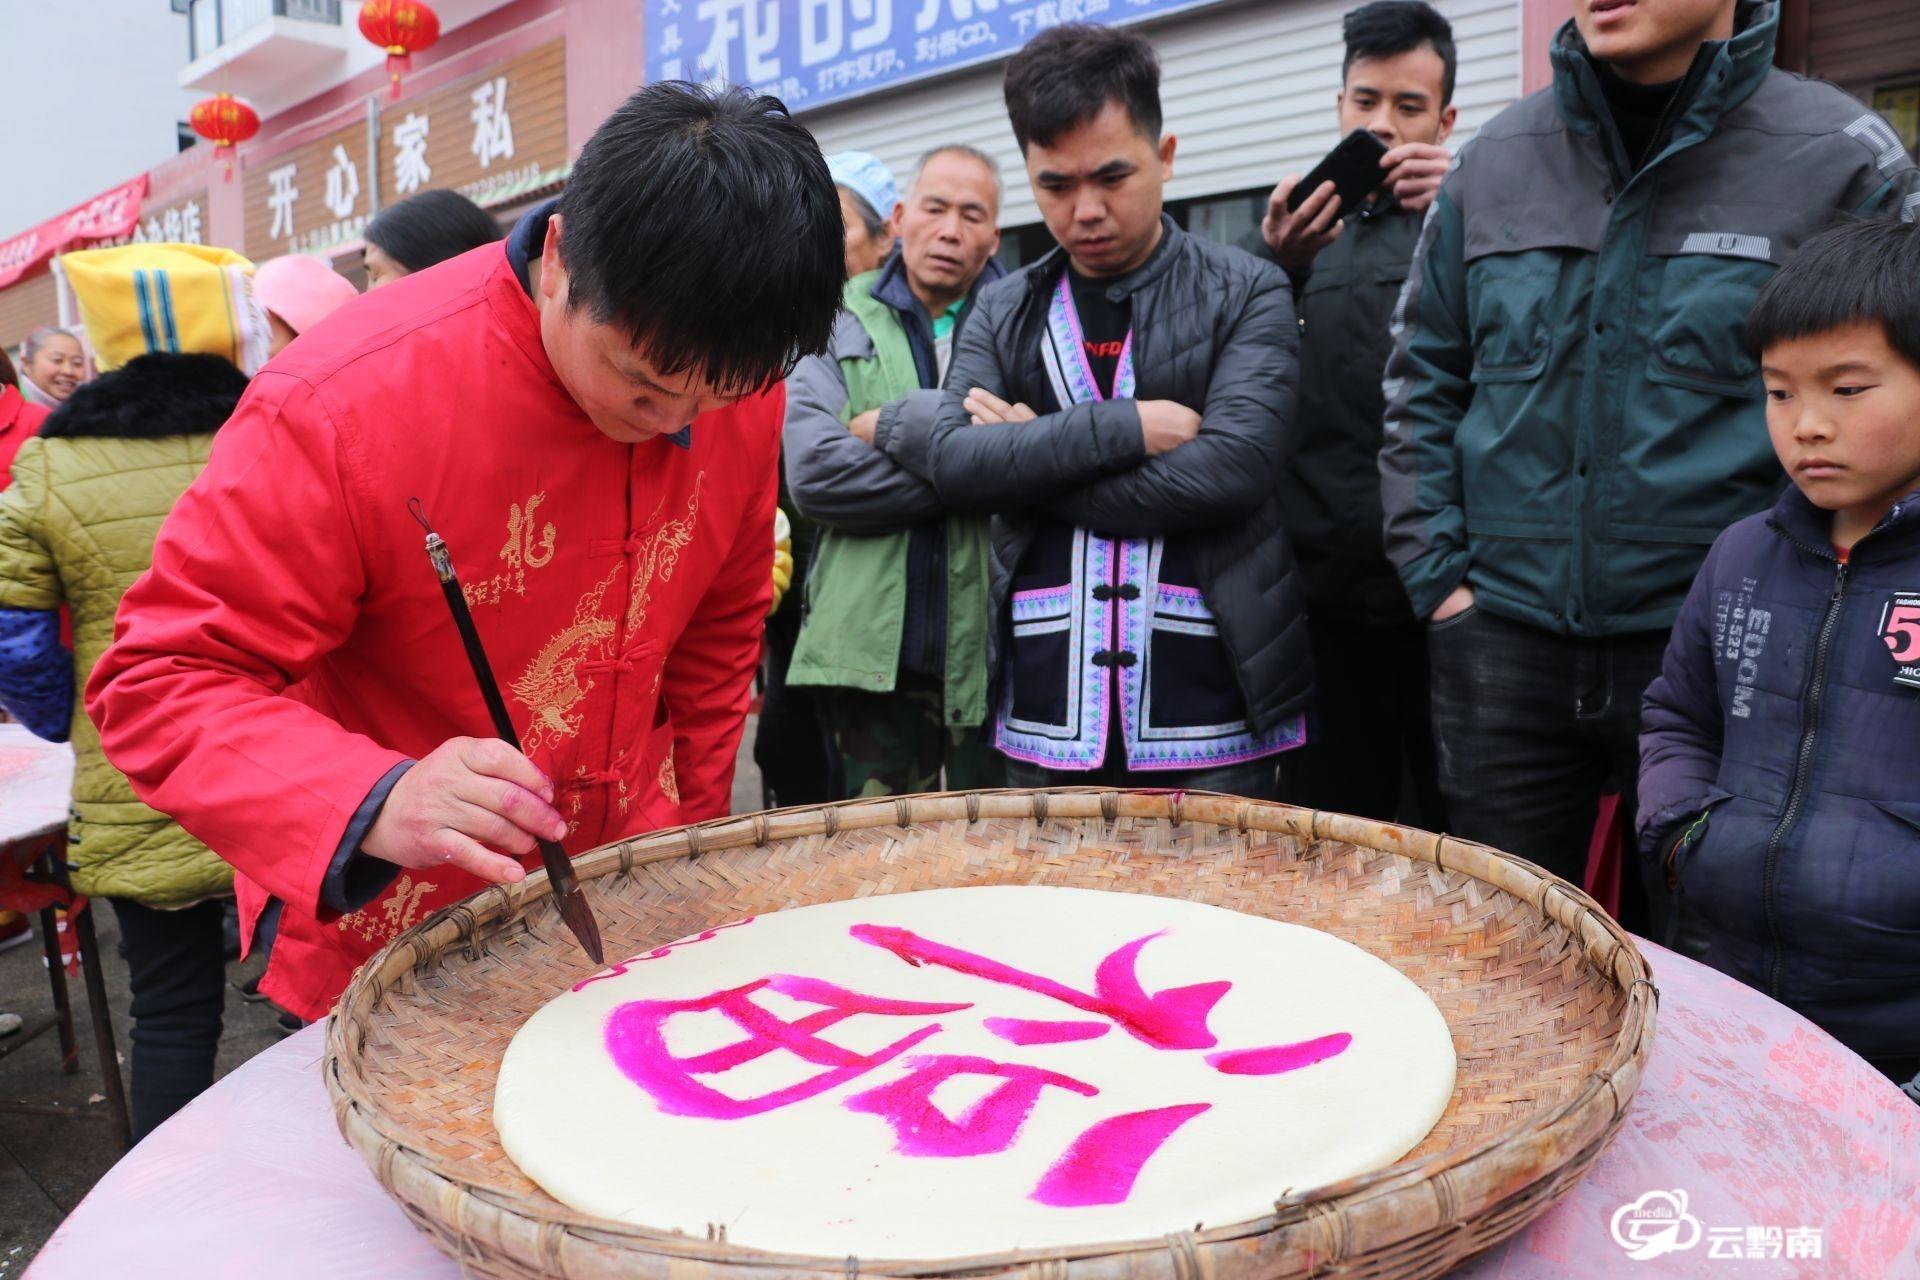 新春走基层|惠水易地扶贫搬迁群众欢聚一堂喜迎新春